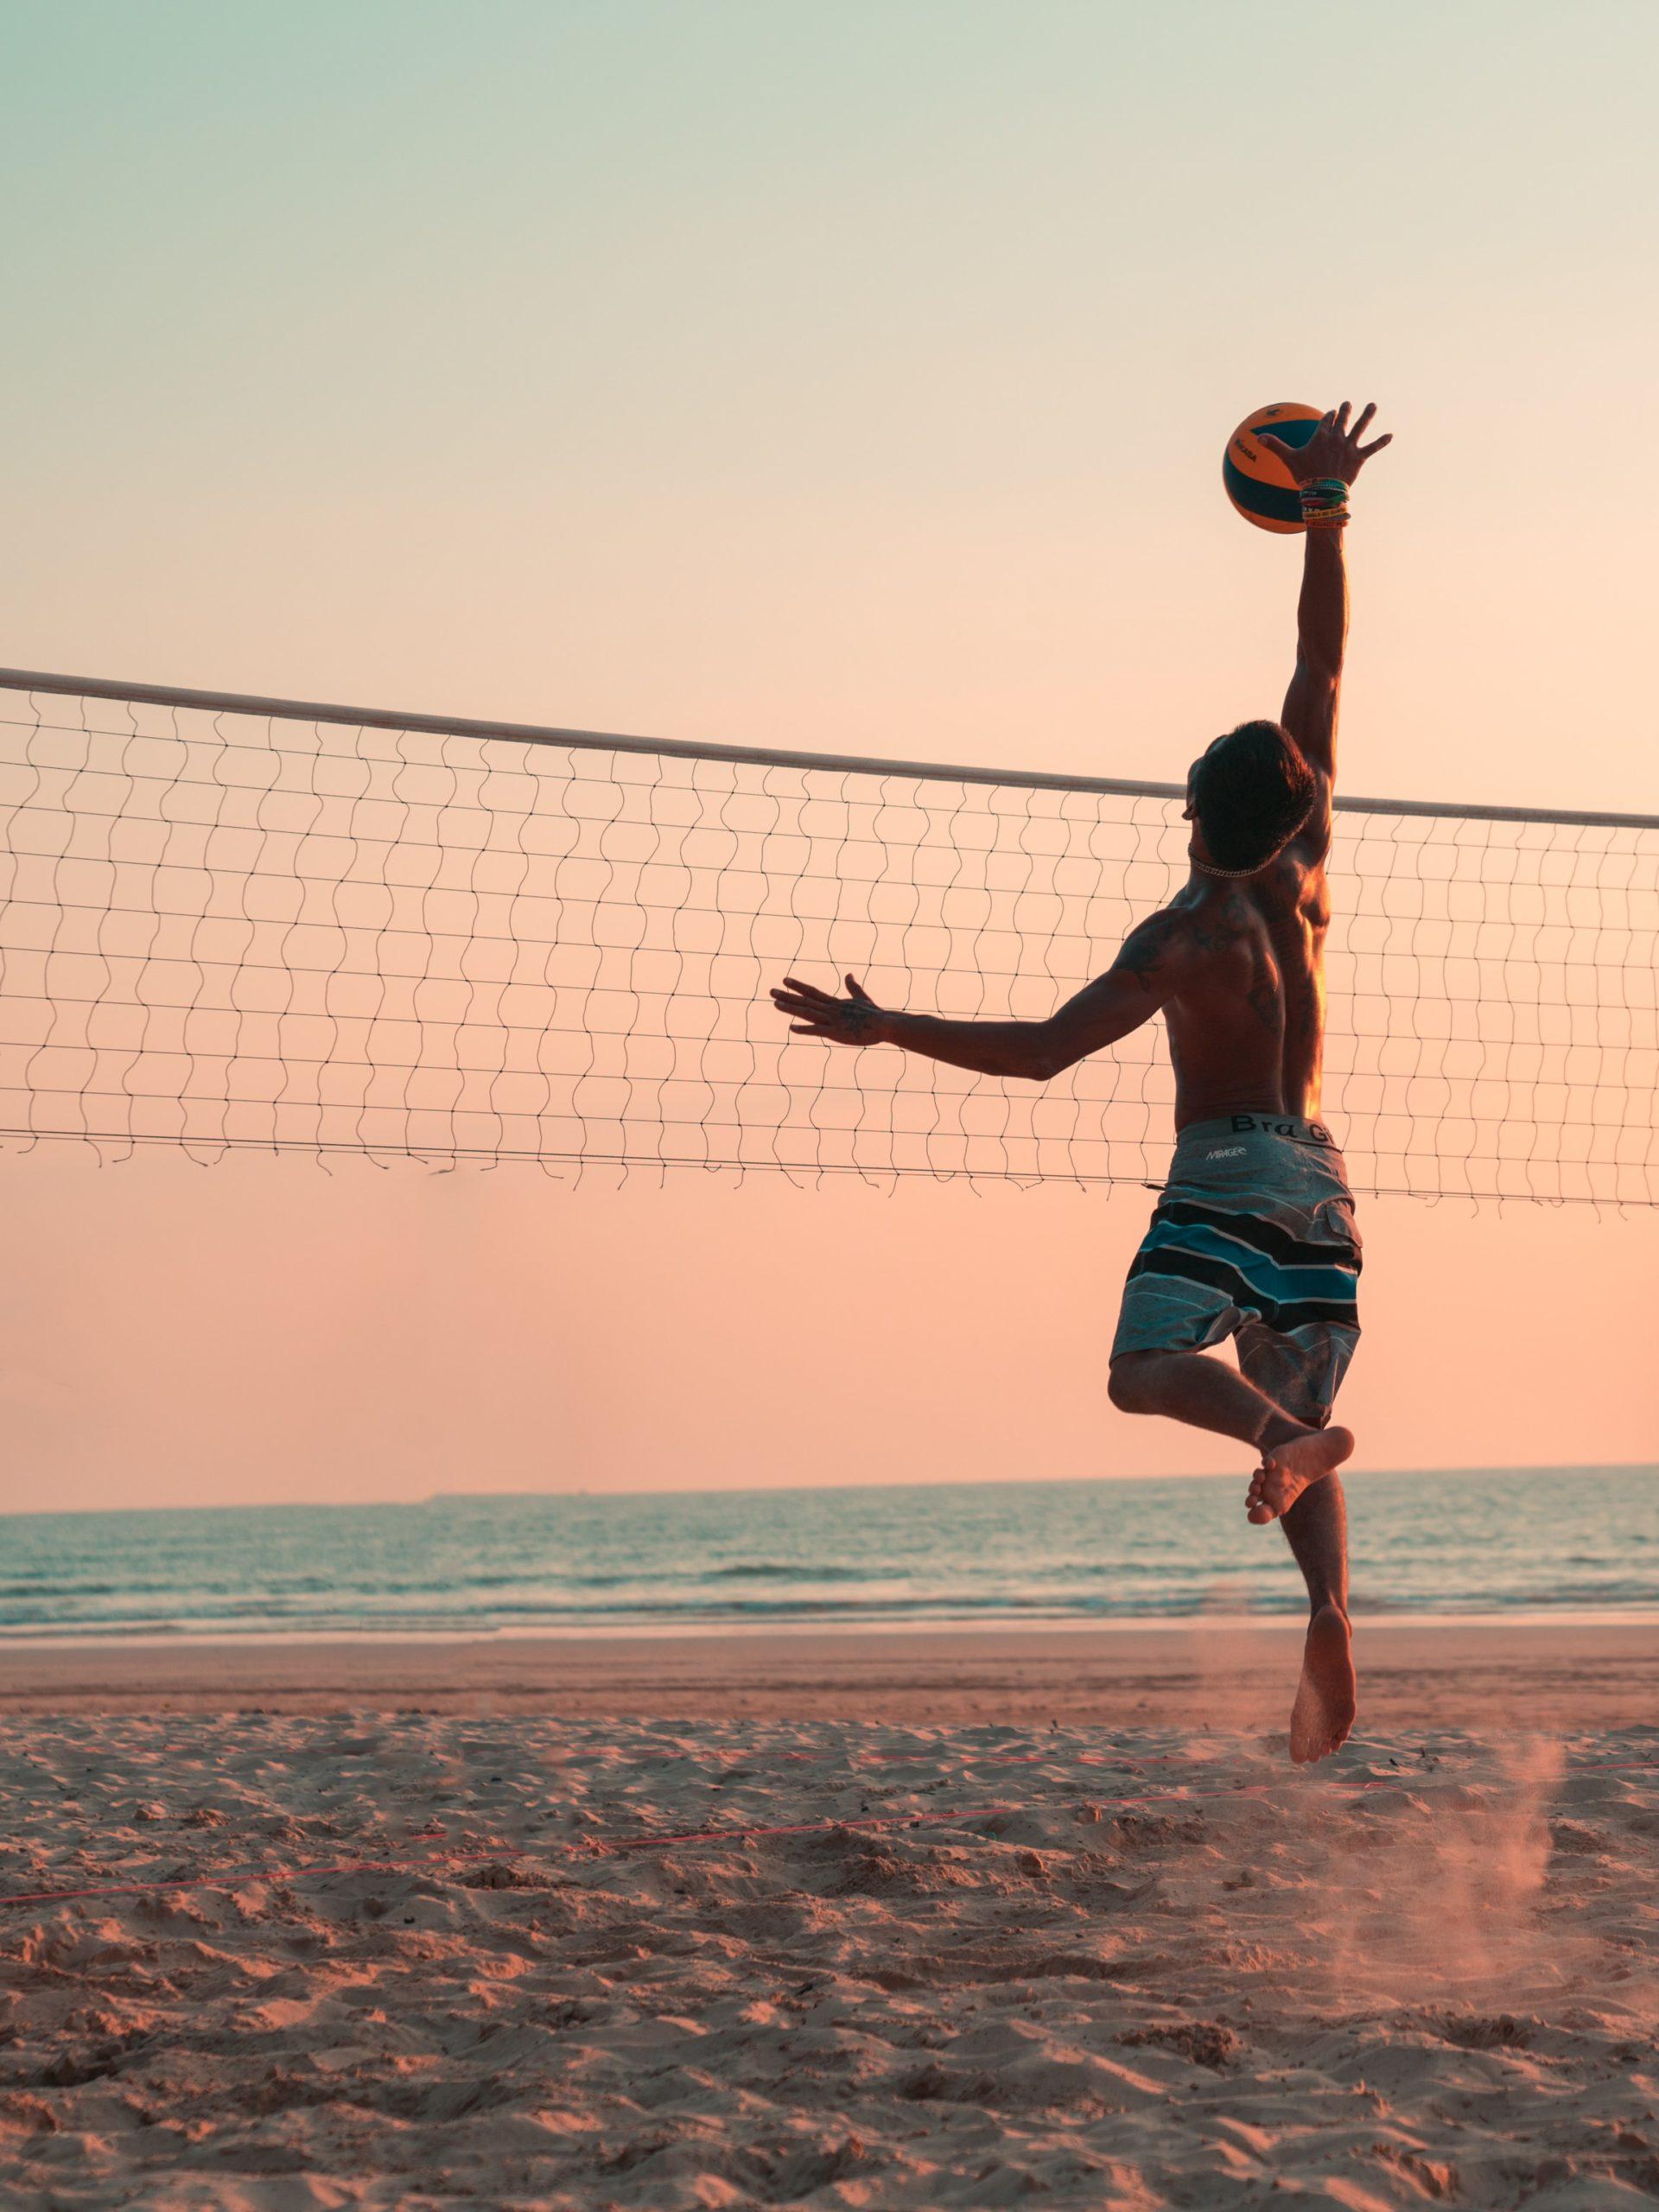 Die 5 coolsten Sportarten zum Ausgleich (die ich gemacht habe)